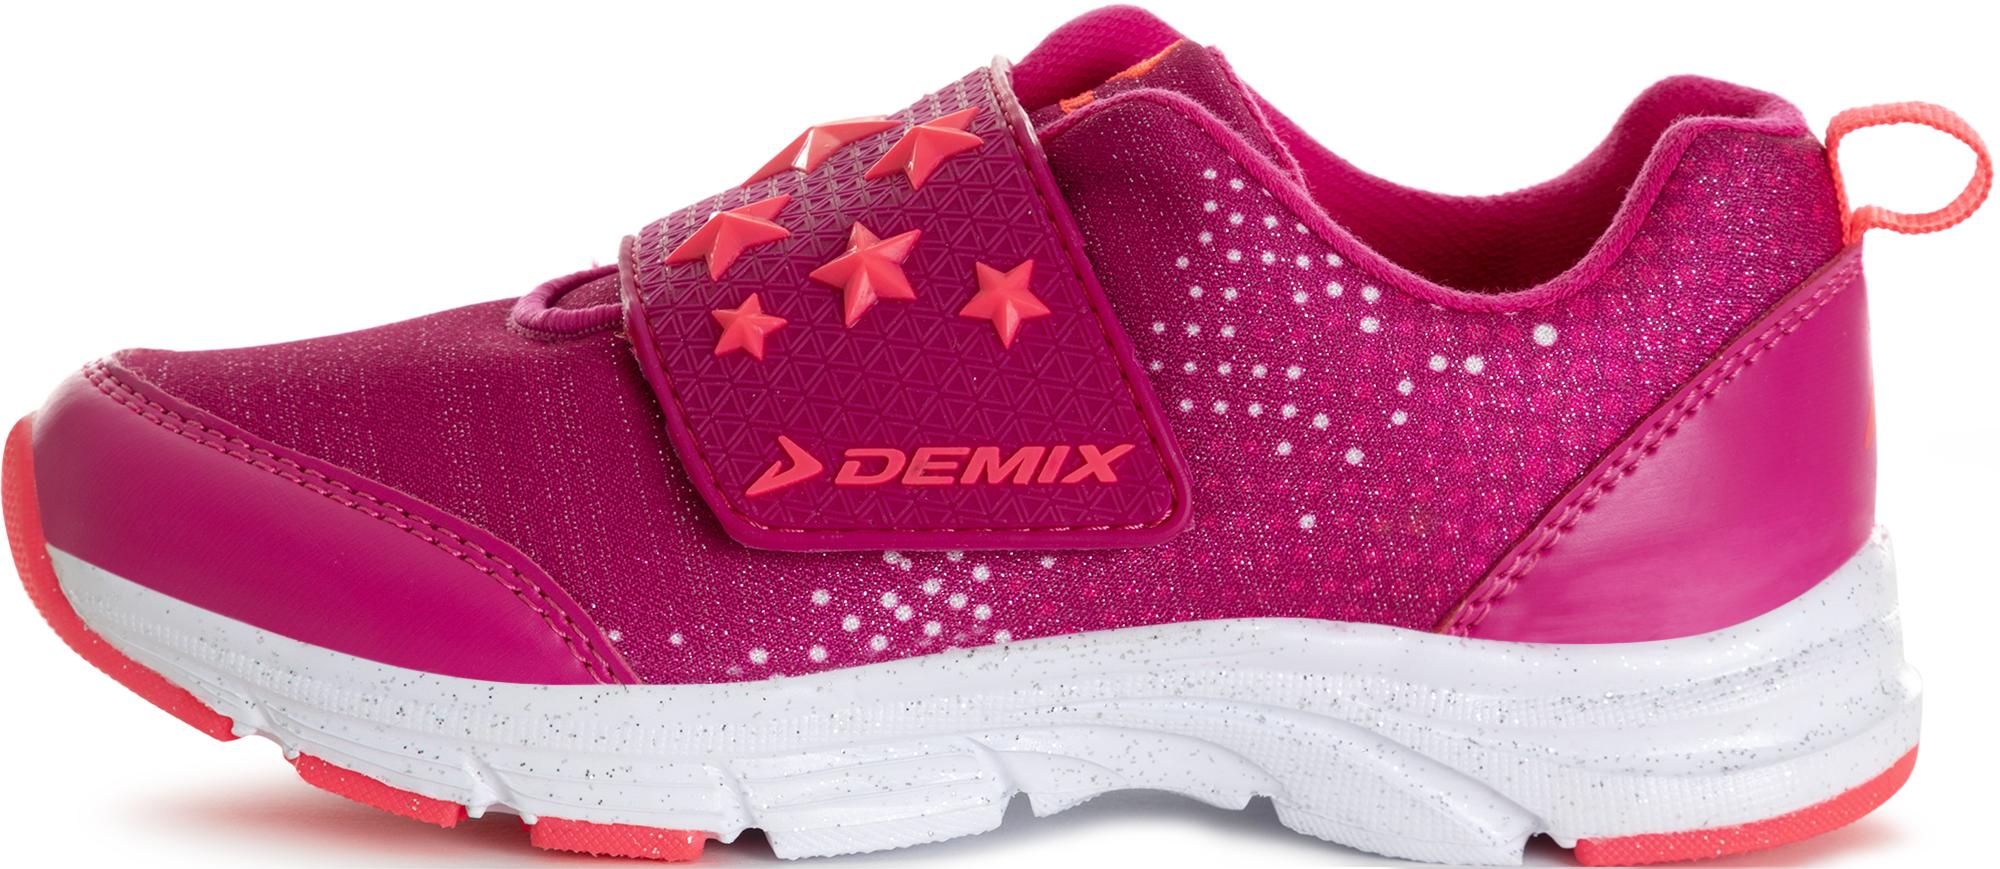 Demix Кроссовки для девочек Demix Fru, размер 29 цены онлайн